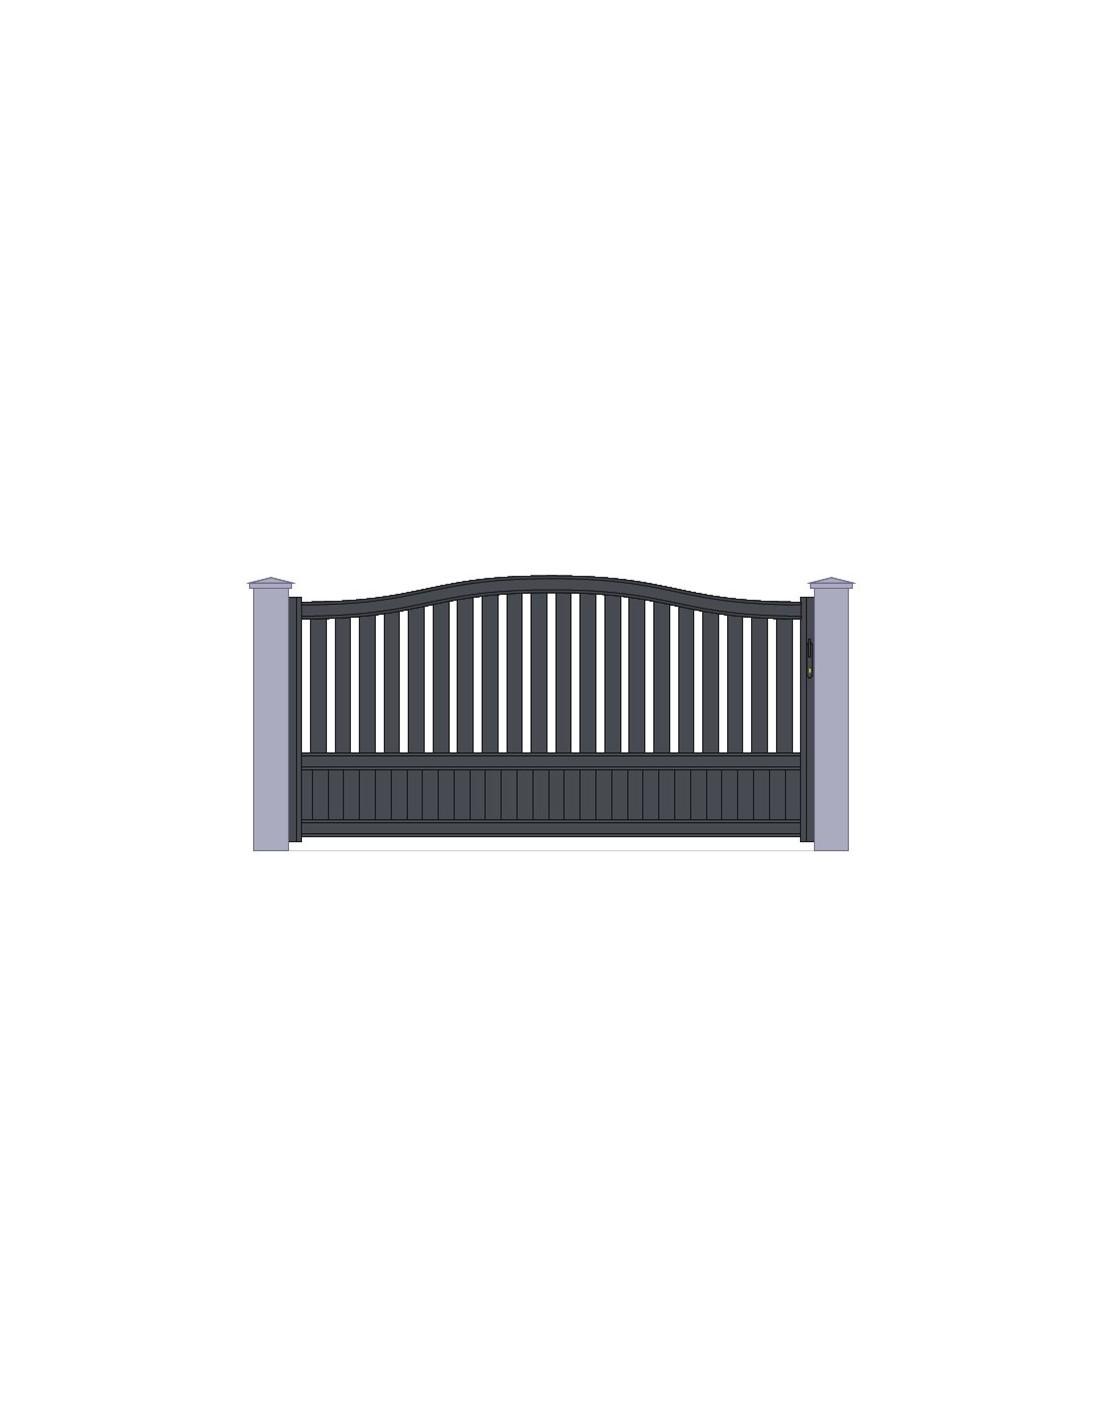 portail aluminiun gris standard coulissant chapeau de. Black Bedroom Furniture Sets. Home Design Ideas